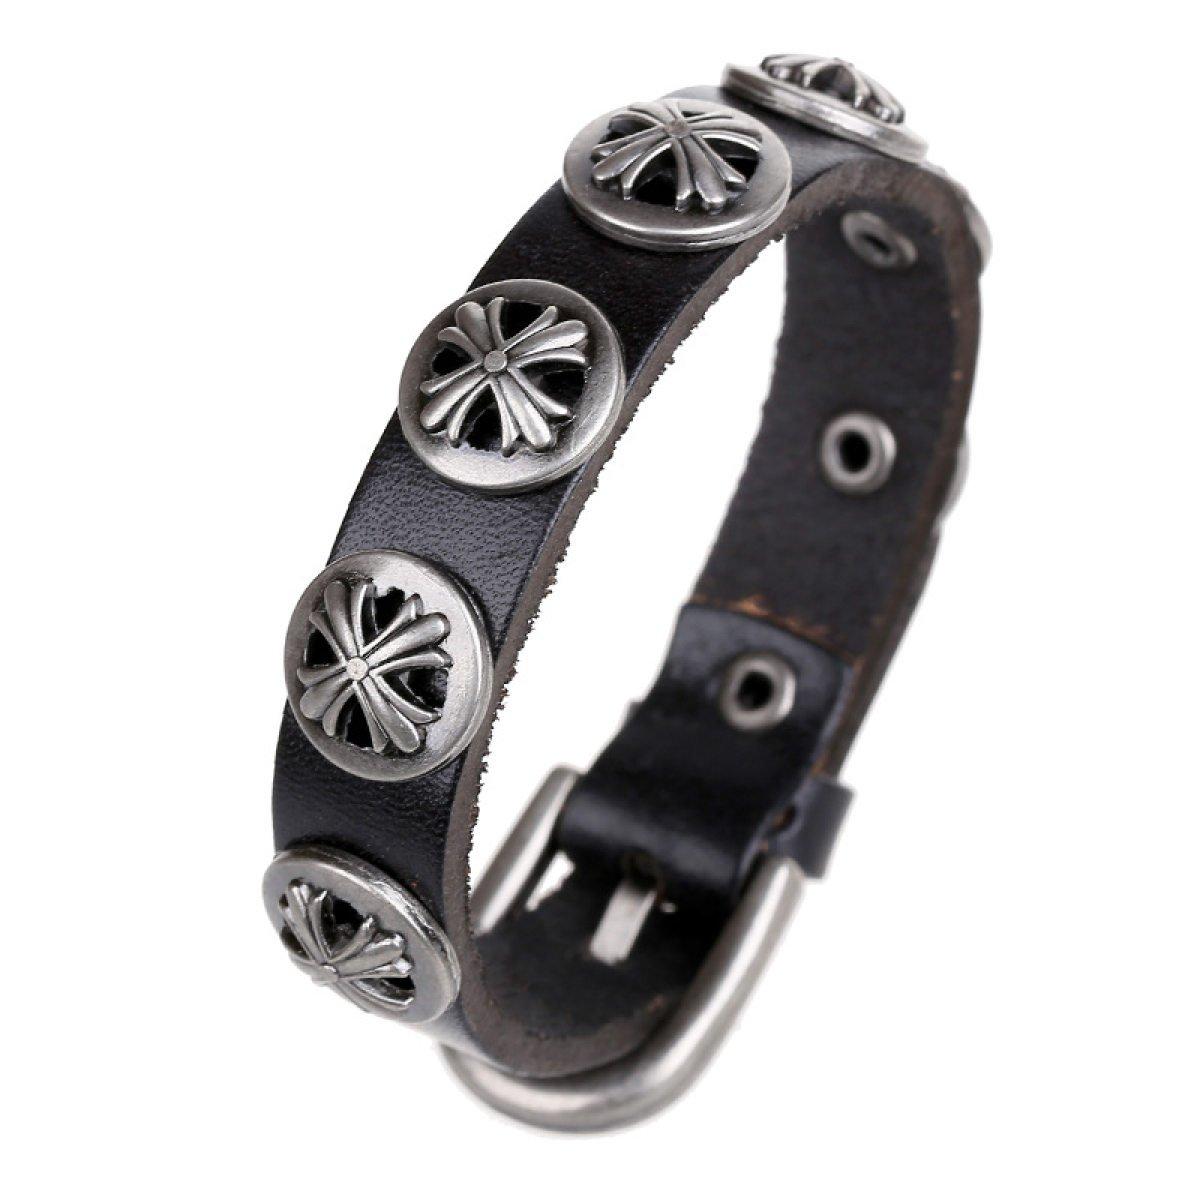 LZHMCircle De Piel Pulsera De La Pulsera para Unisex Personalizado Pulseras De Cuero Real La Cruz De Cadena del Remache La Hebilla del Cinturón Negro